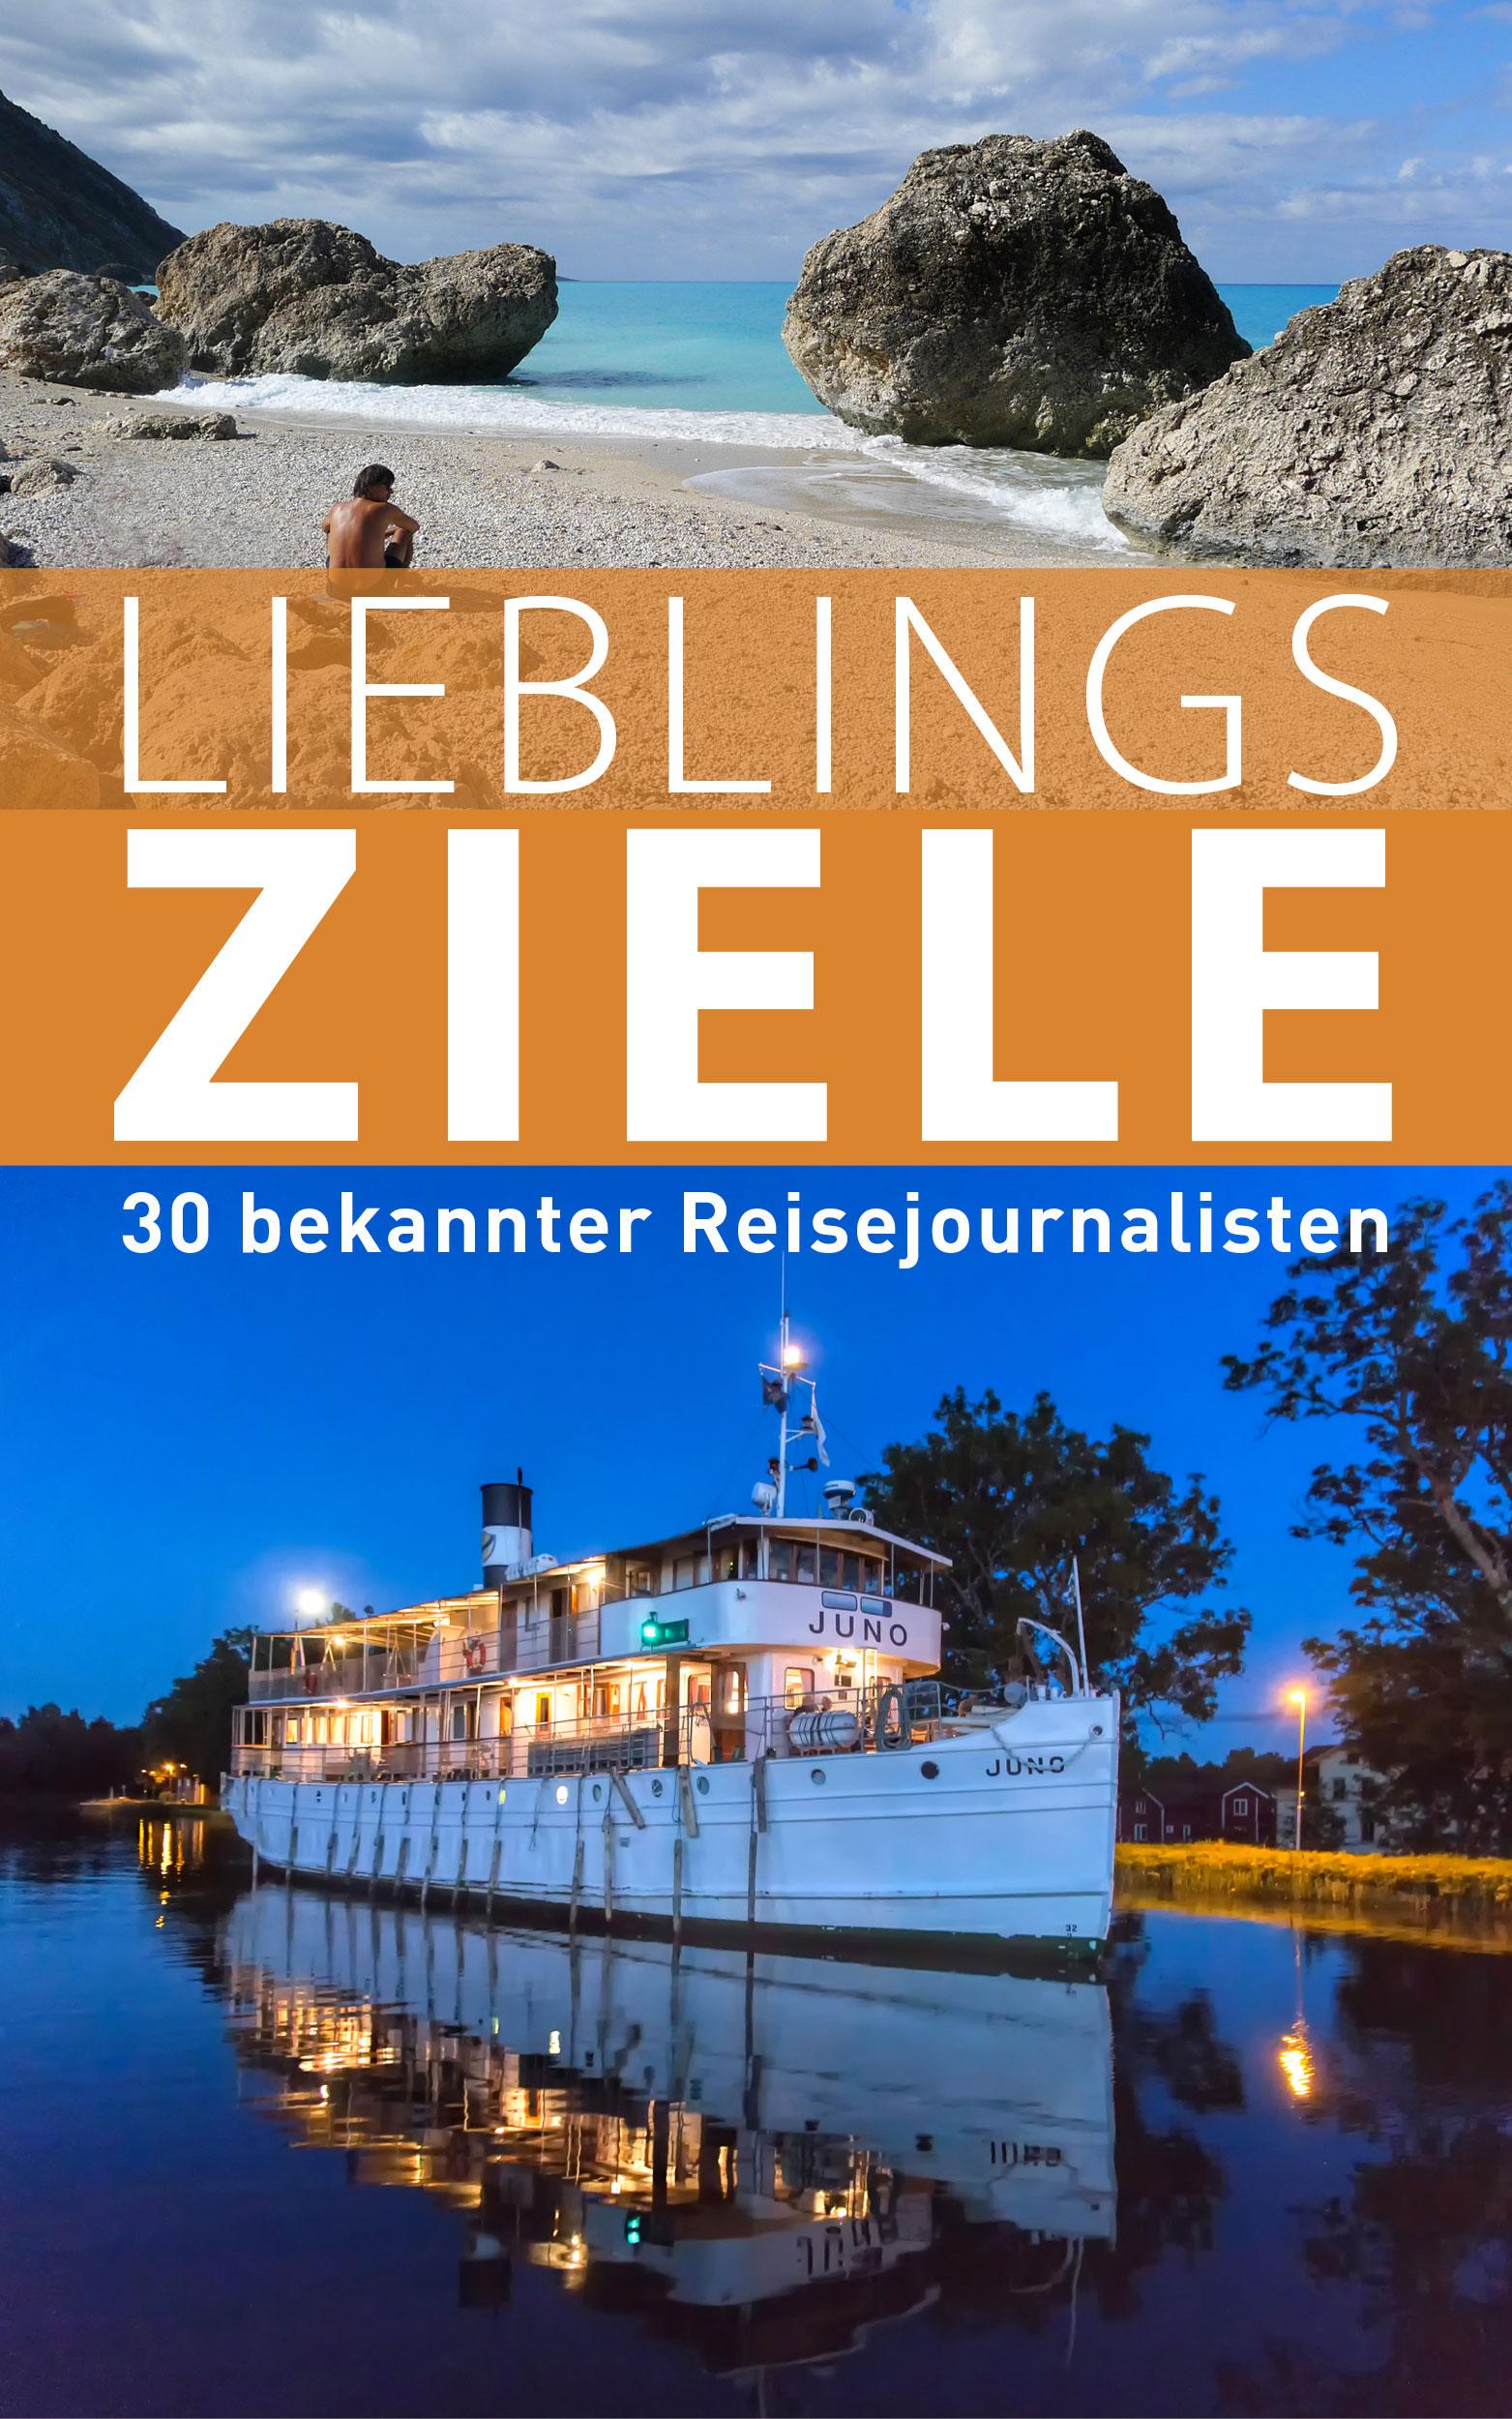 Lieblingsziele 30 bekannter Reisejournalisten